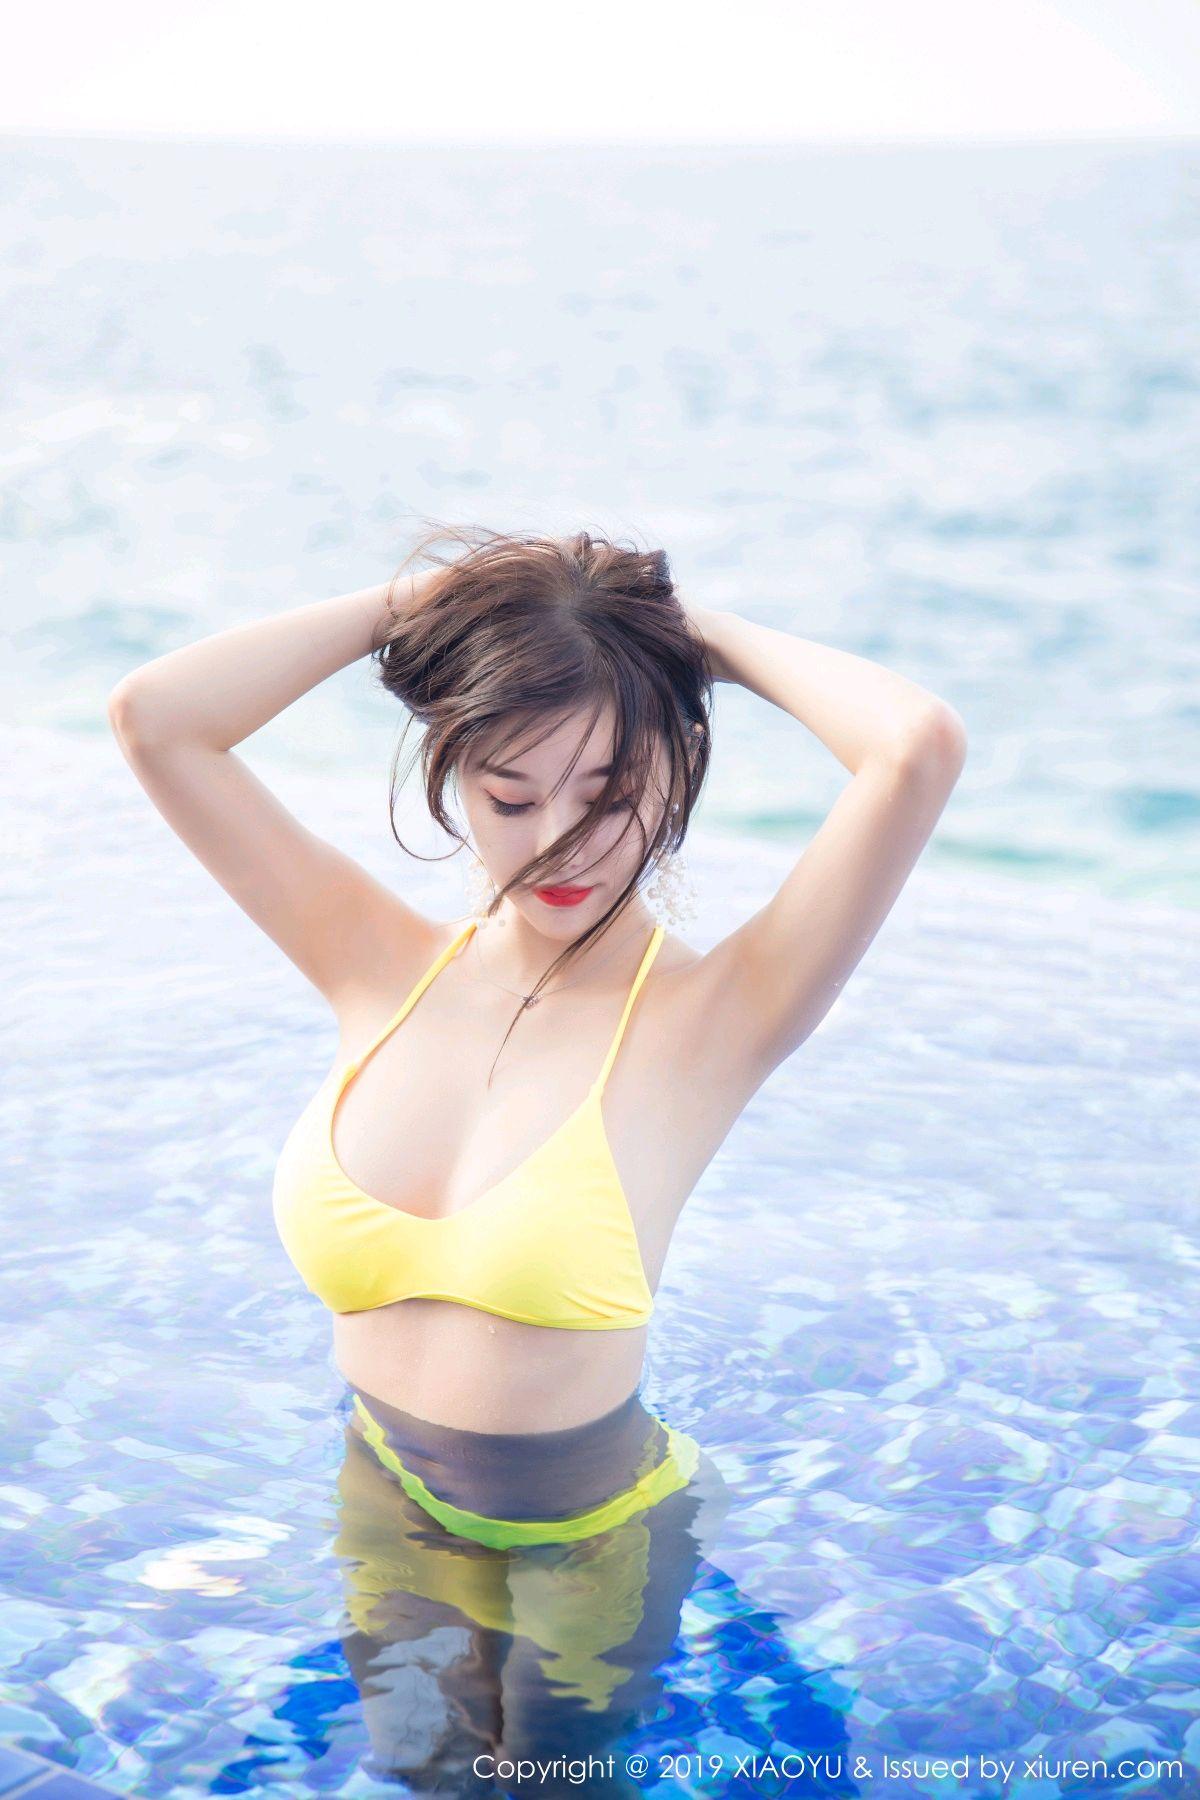 [XiaoYu] Vol.072 sugar 37P, Bikini, Swim Pool, XiaoYu, Yang Chen Chen